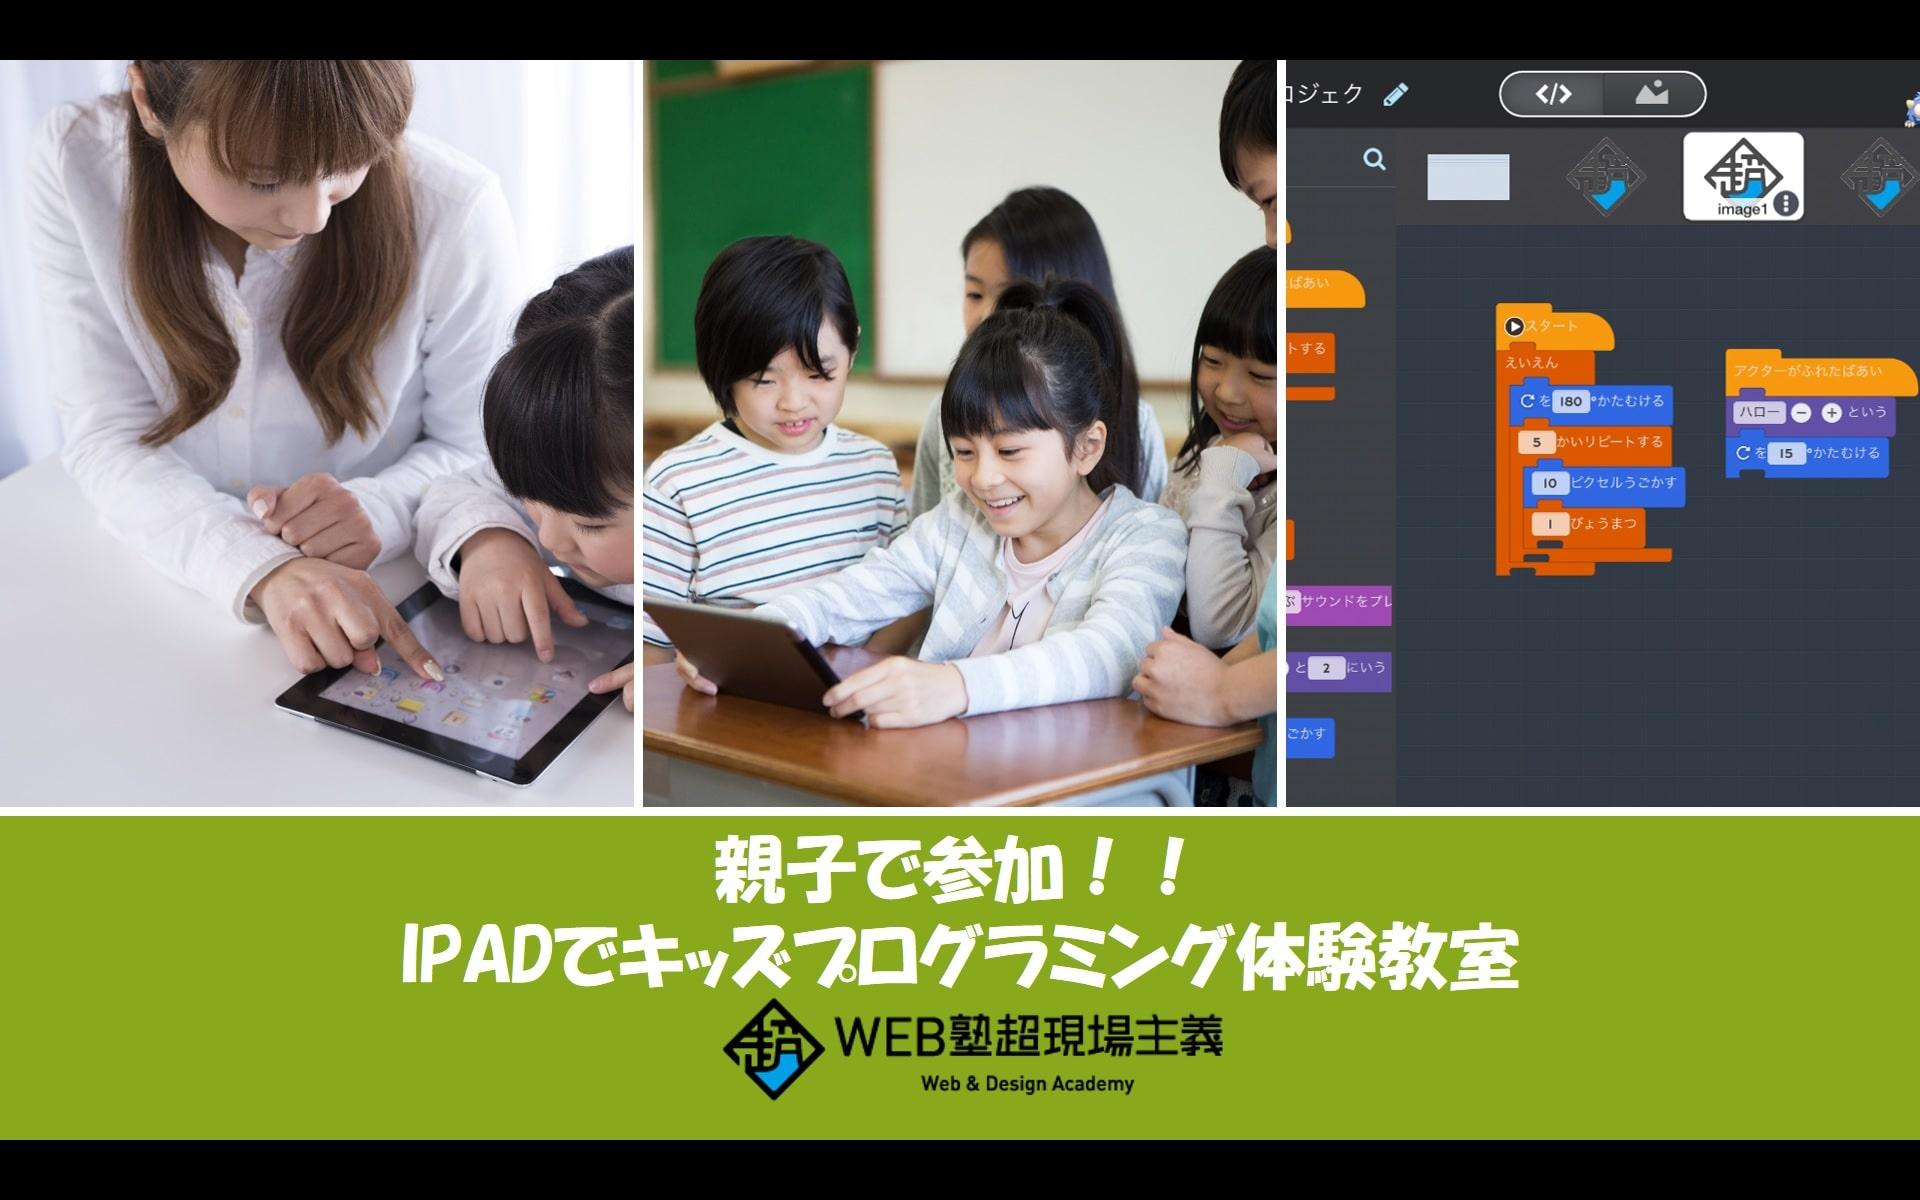 キッズプログラミング体験教室